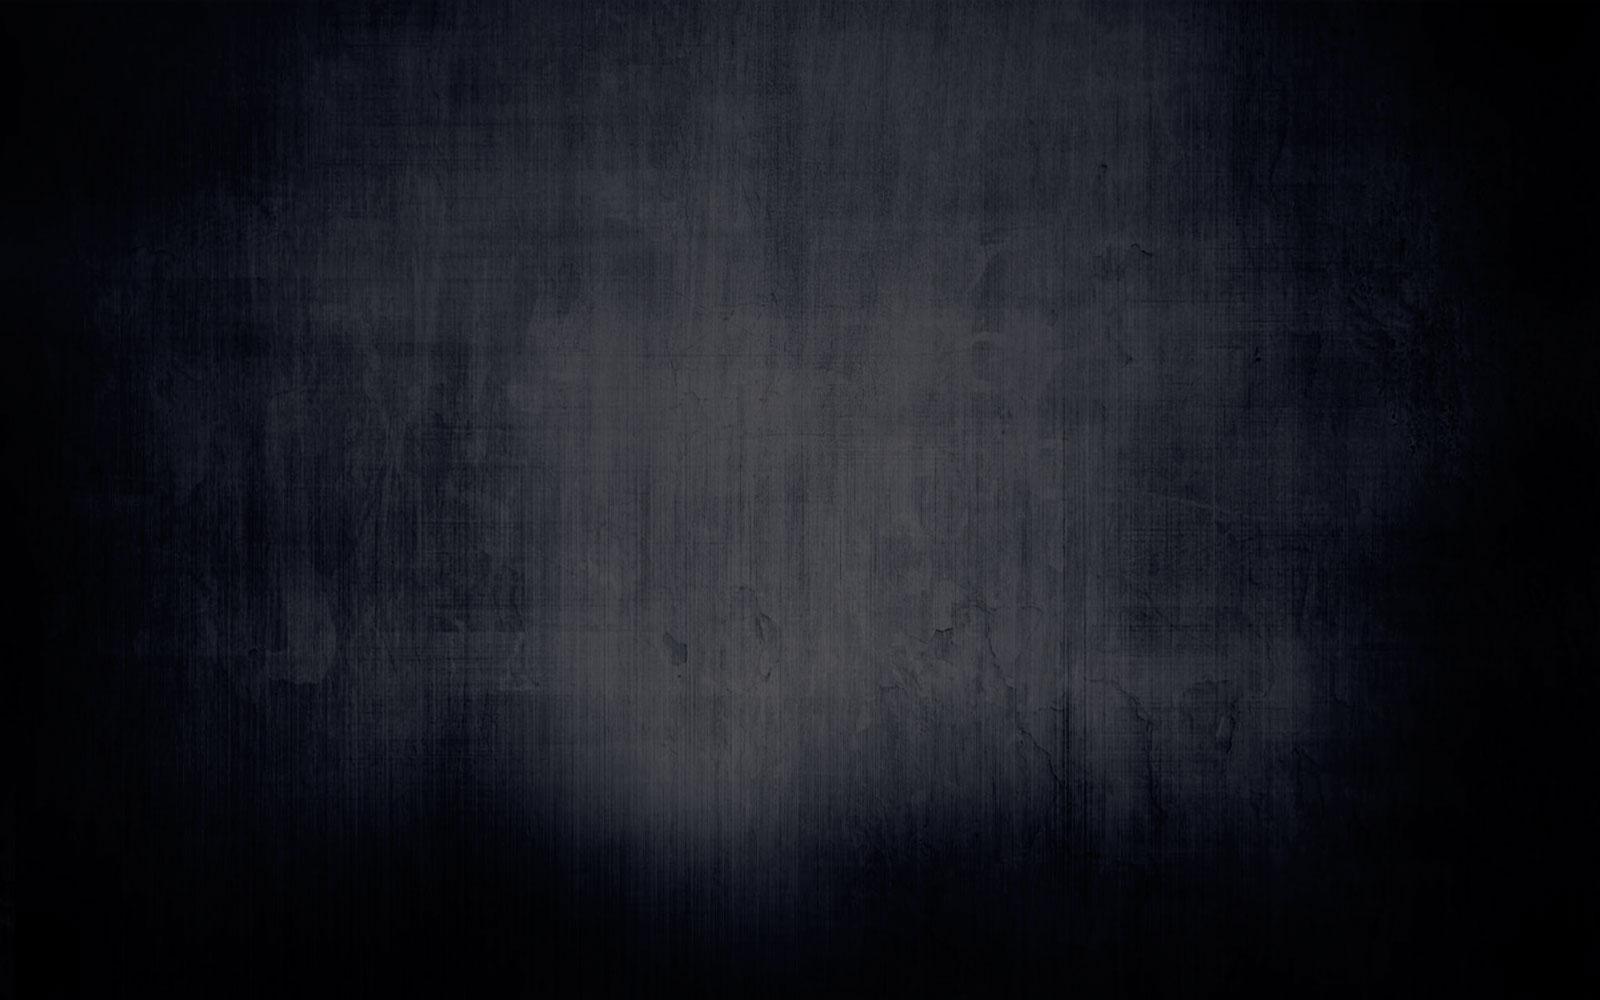 dark bg